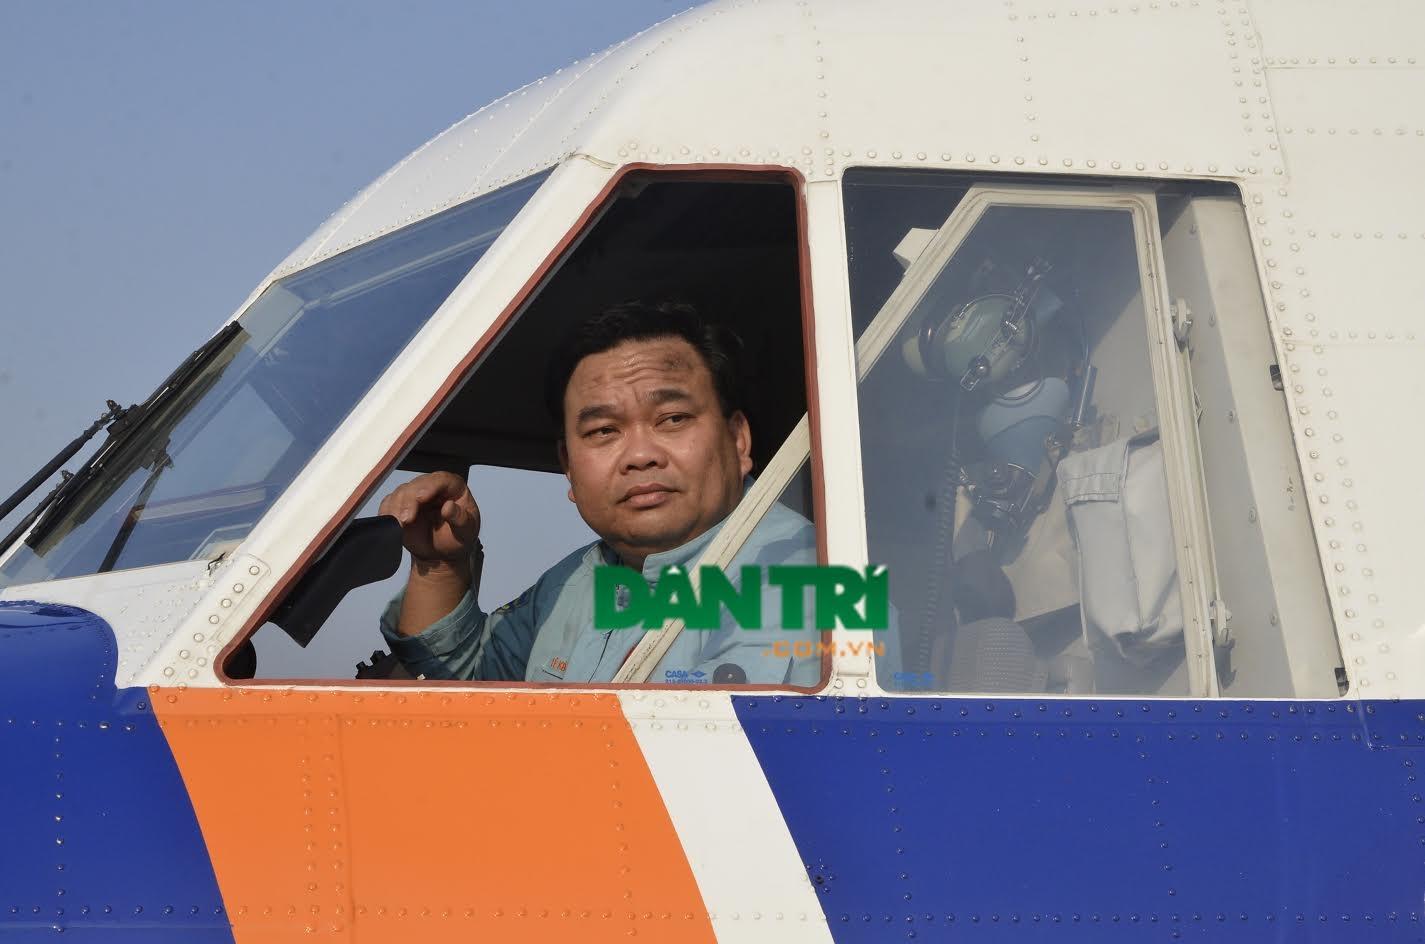 Hình ảnh Đại tá Lê Kiêm Toàn trên buồng lái của máy bay CASA 212 trong đợt tìm kiếm máy bay MH370 năm 2014 (Ảnh: Đình Thảo)